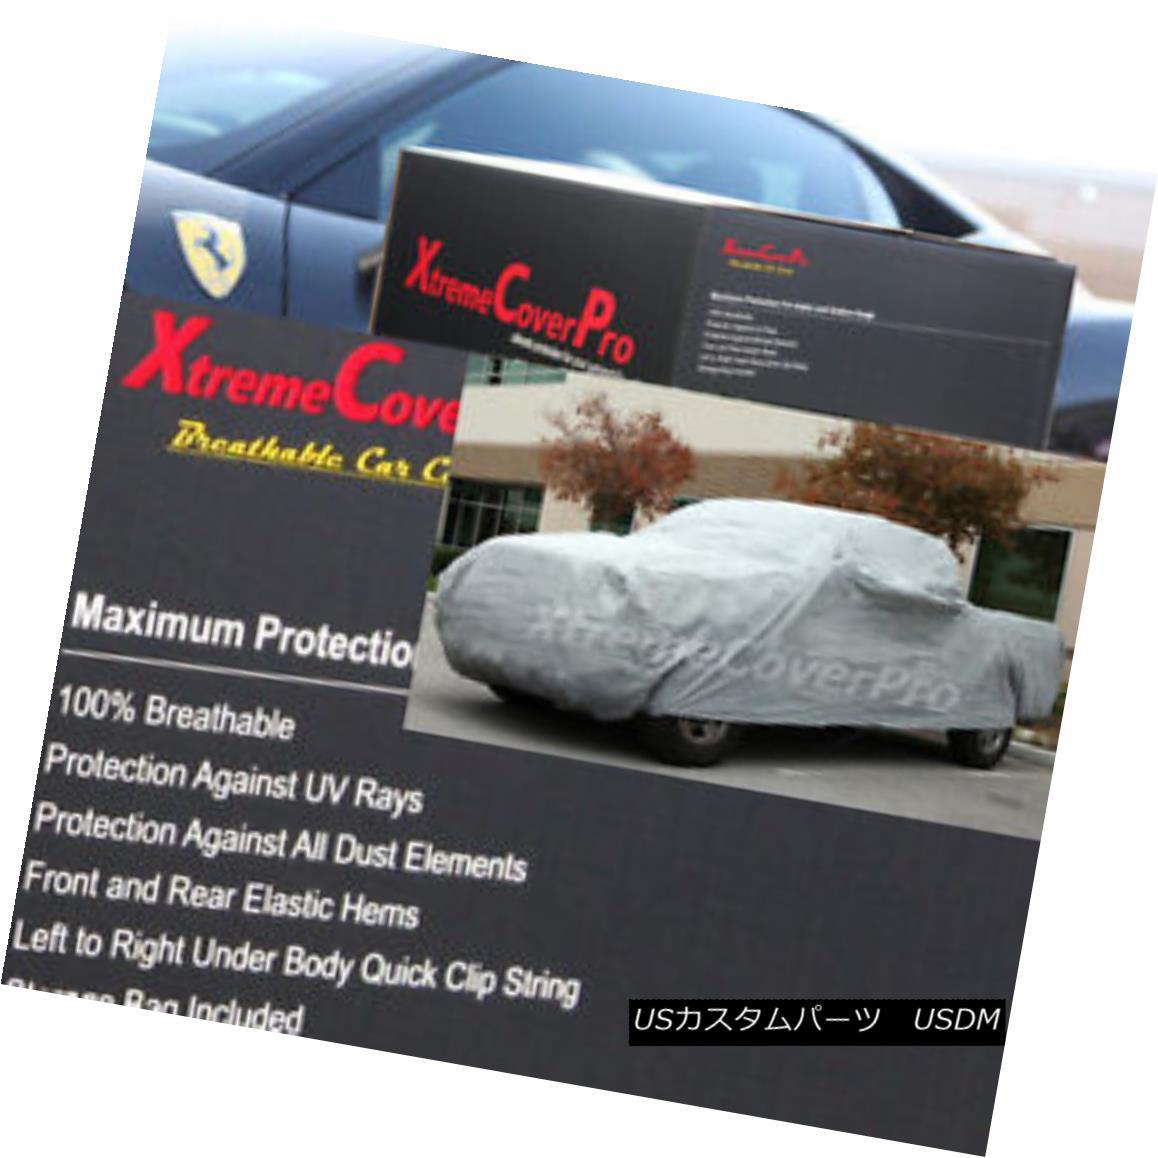 カーカバー 1999 2000 Chevy Silverado 1500 Ext Cab 6.5ft Bed Breathable Truck Cover 1999年2000シボレーシルバラード1500エクステンションキャブ6.5ftベッド通気性トラックカバー